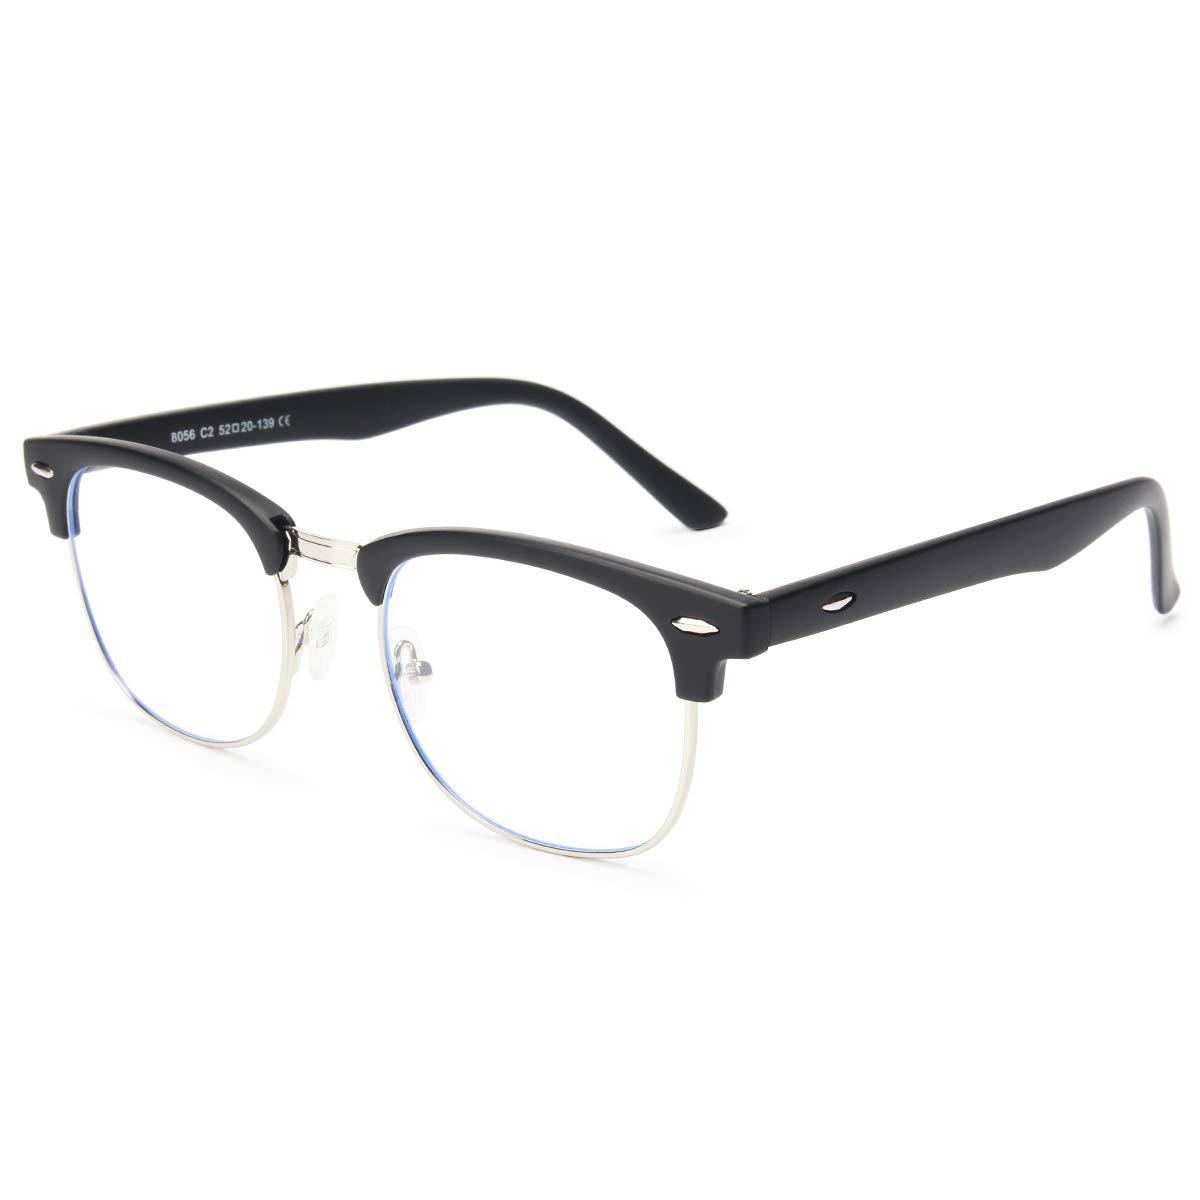 Livhò Blue Light Blocking Glasses,UV400 Transparent Lens,Phone Computer Reading Glasses,Anti Eyestrain/Anti Ray,Sleep Better for Women/Men (Matte Black) LI8056-0.0 Magnification